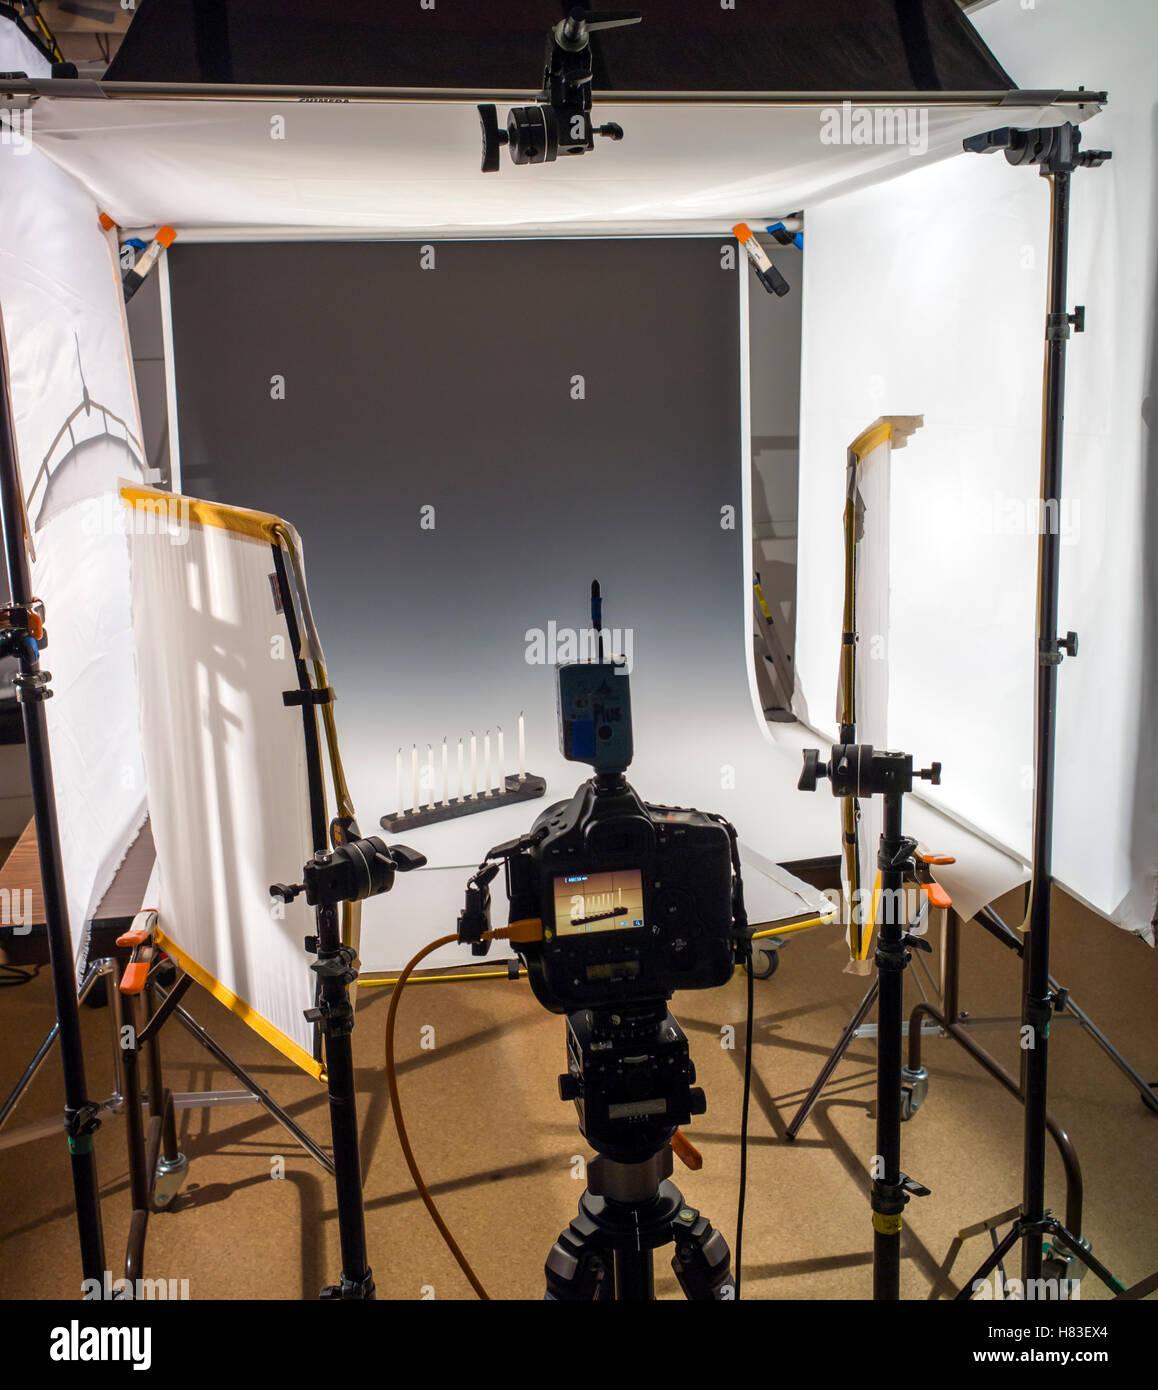 L'éclairage et les équipements dans un studio de photographie commerciale. Banque D'Images